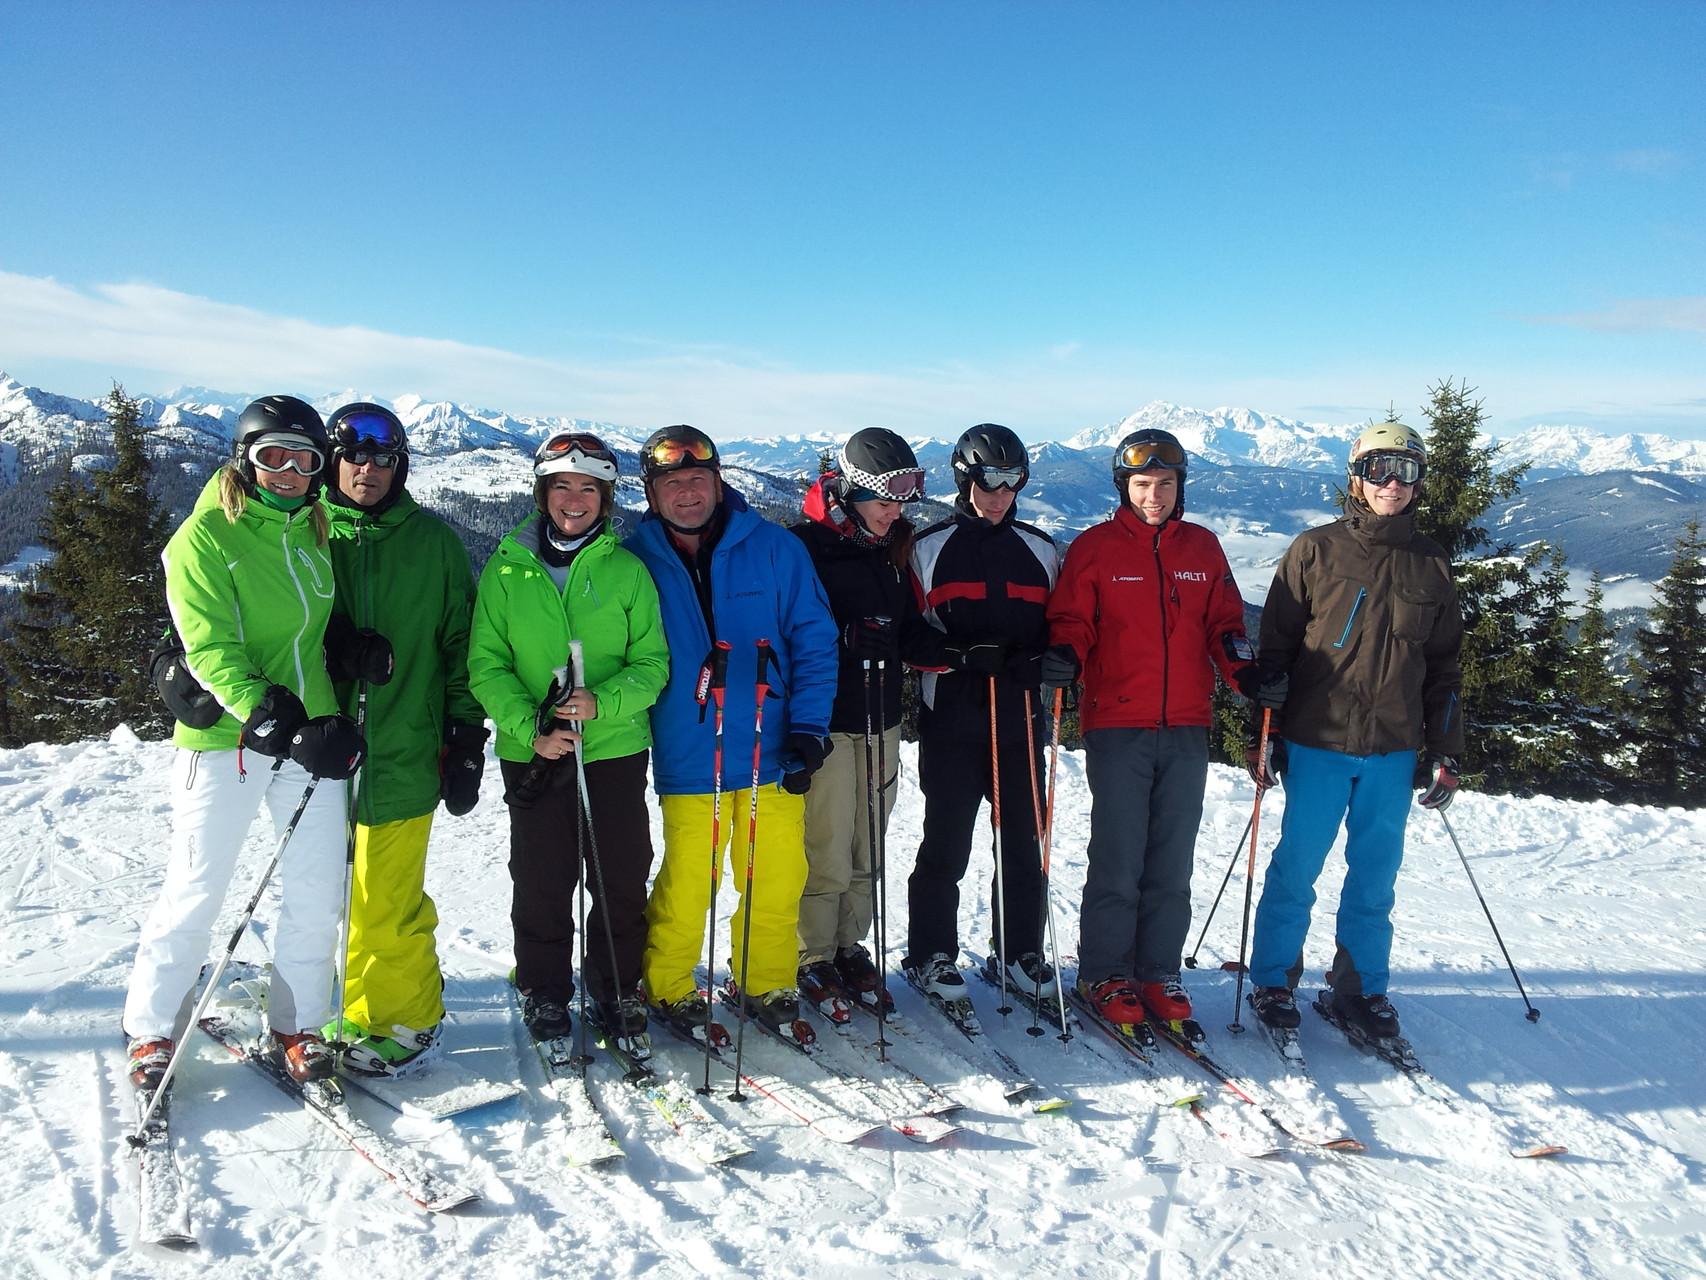 Skifahren und Snowboarden mit Freunden